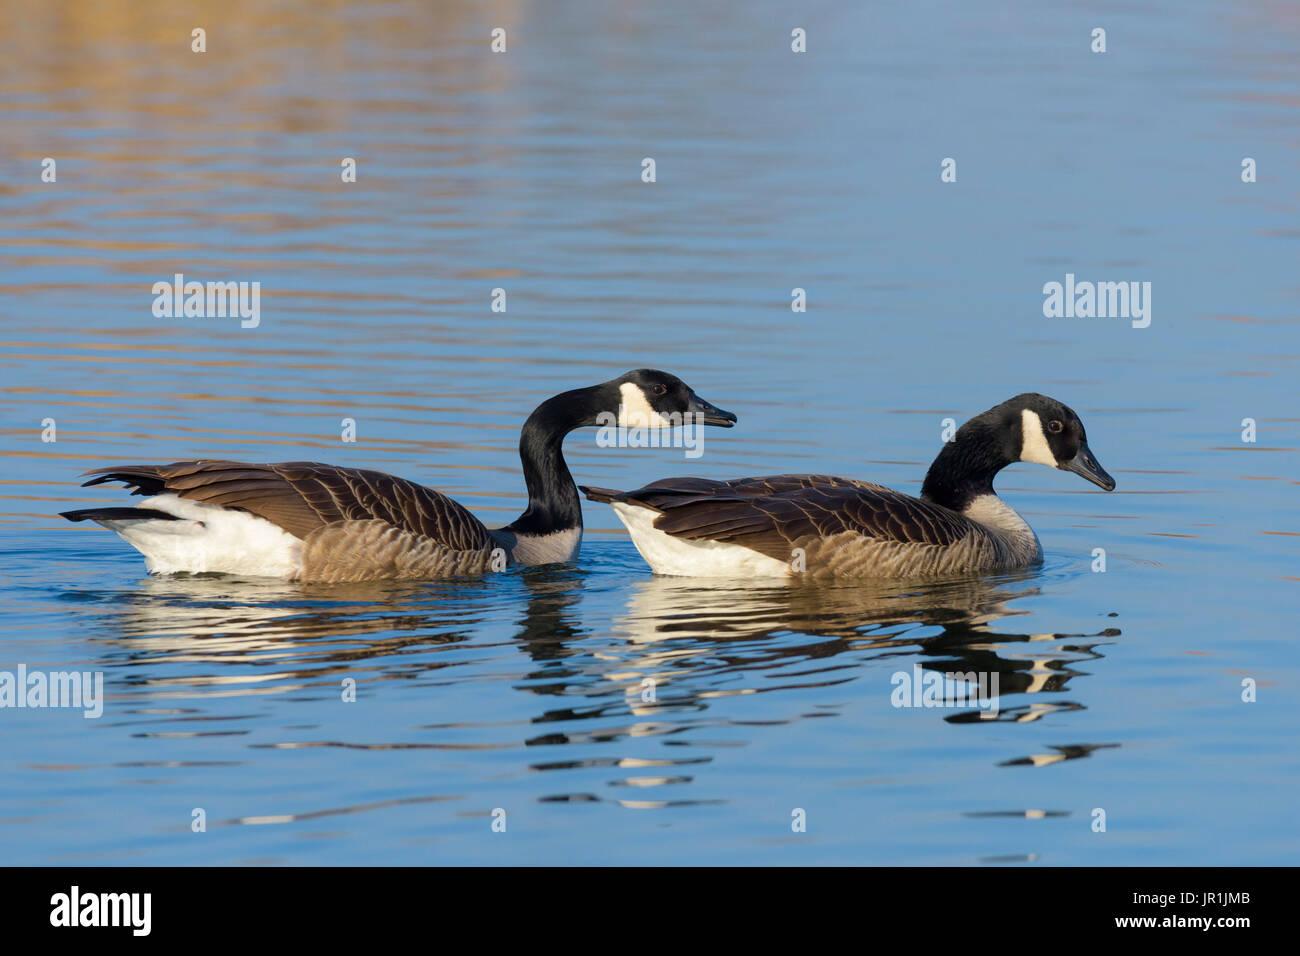 canada goose europe